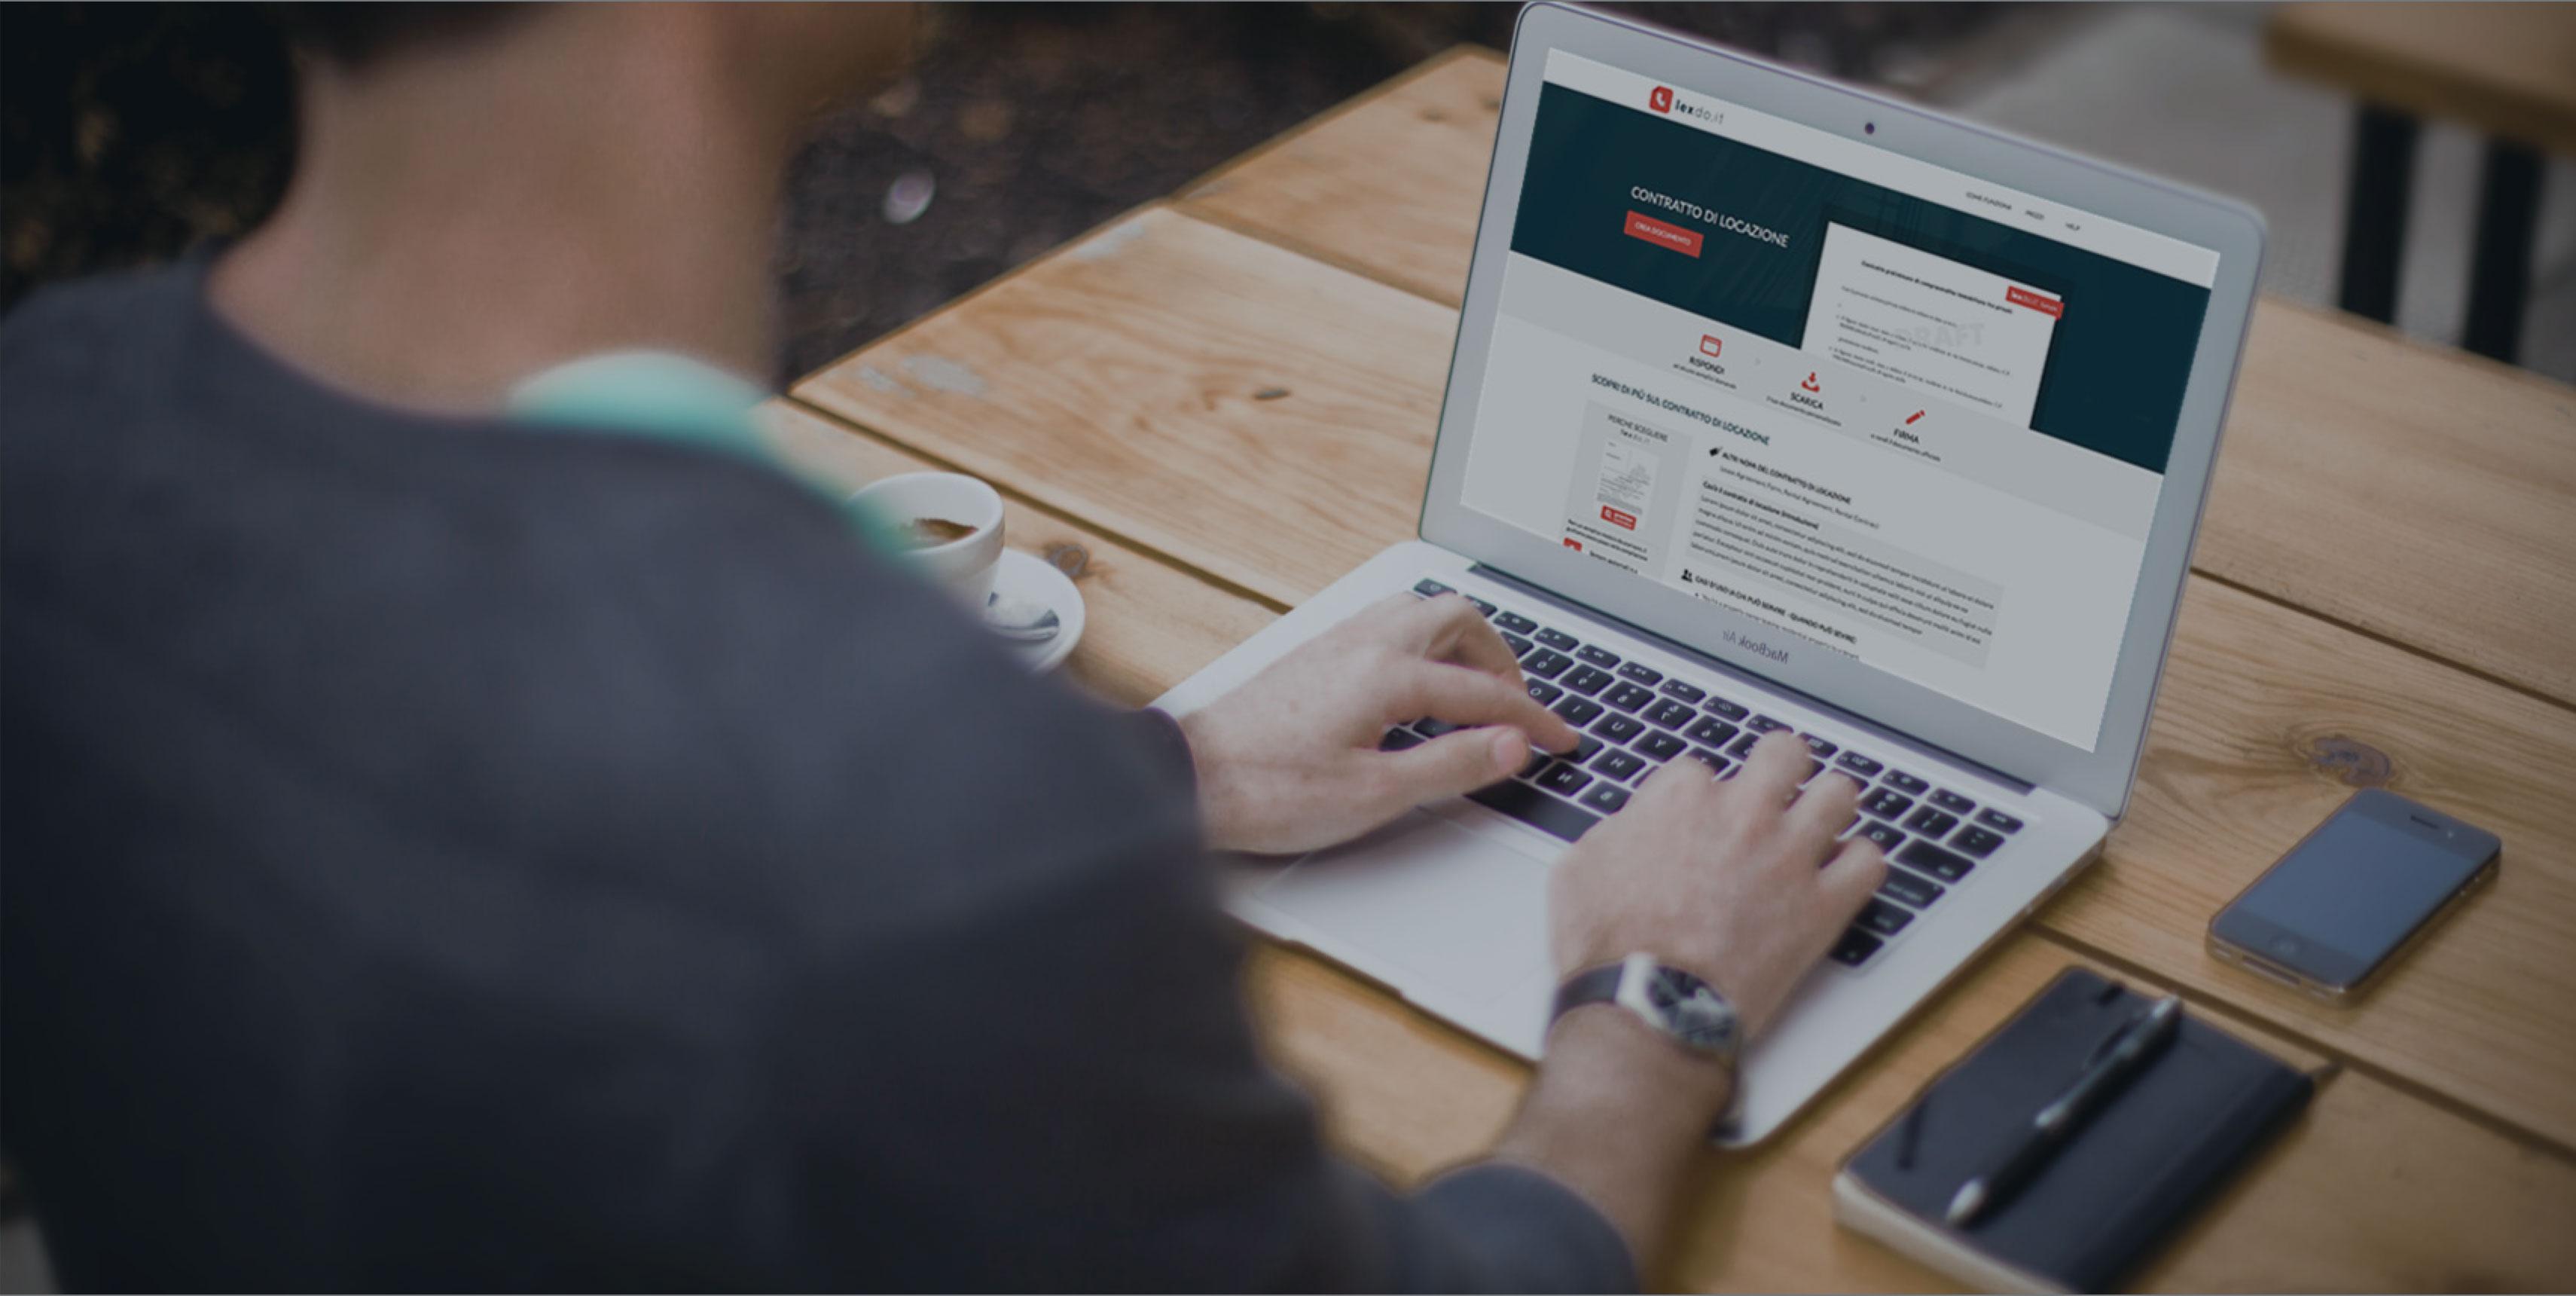 Consigli Legali e Guide ai Contratti: Nasce il Nuovo Blog di LexDo.it!